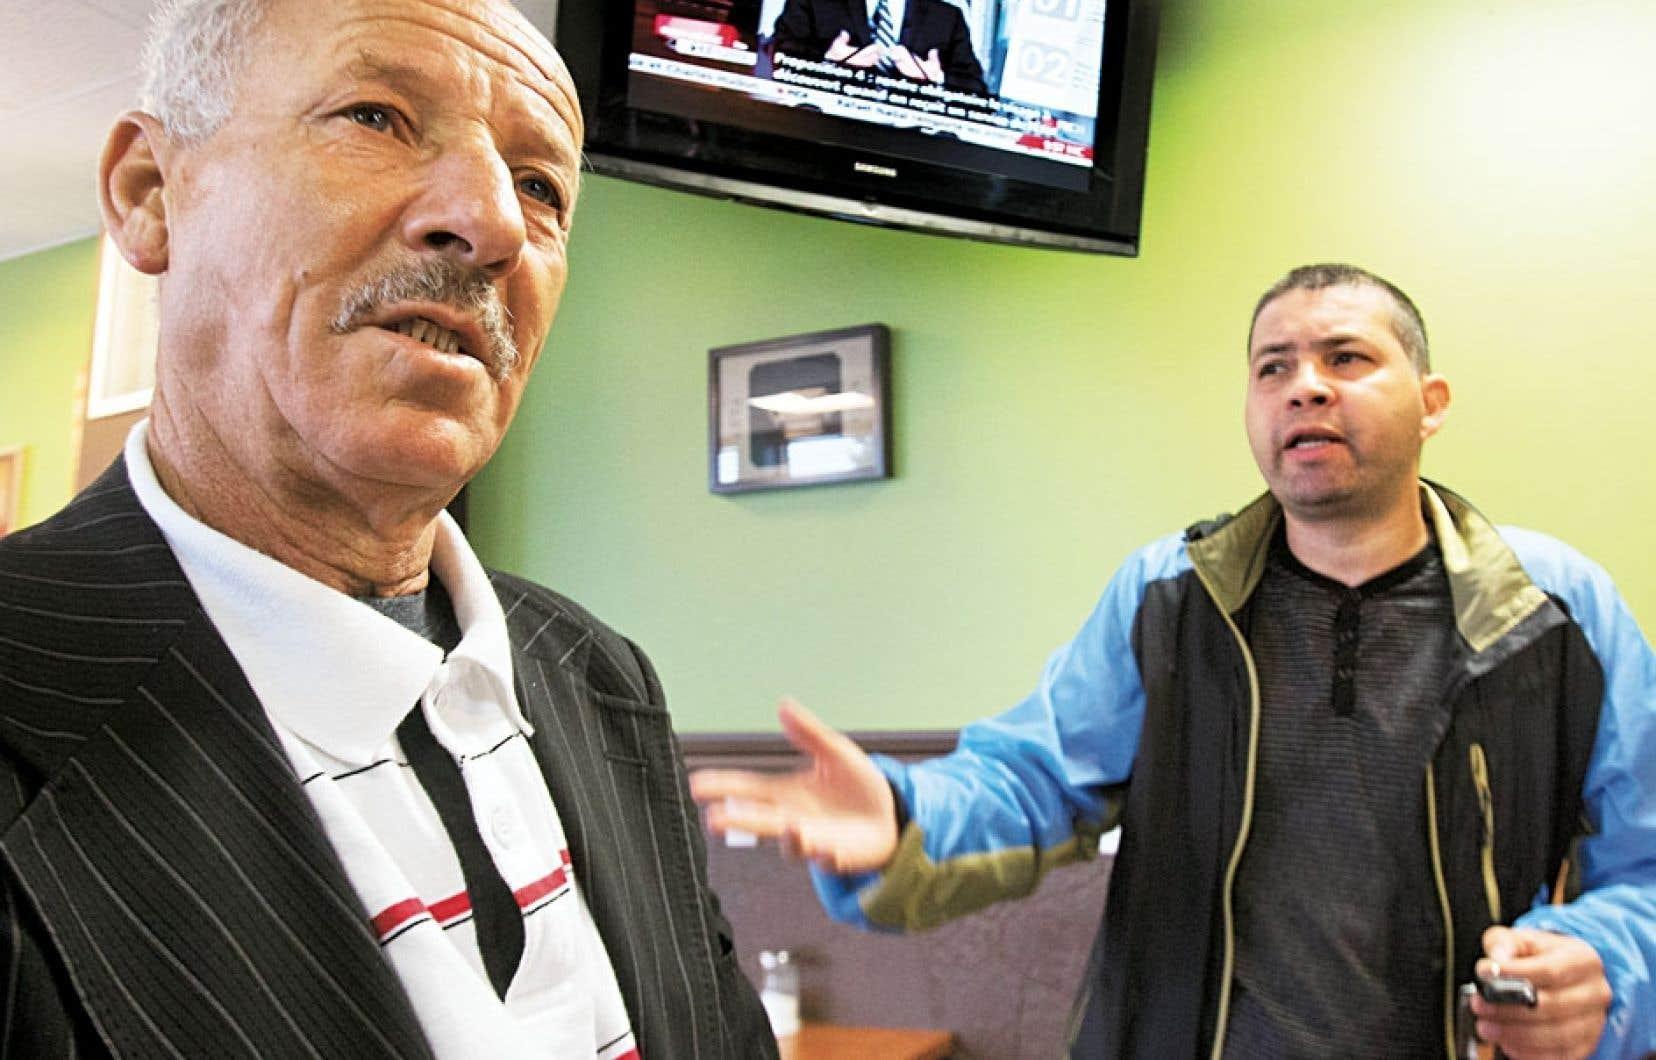 Des Québécois d'origine algérienne ont écouté en direct, mardi, dans un café du Petit Maghreb à Montréal, le dévoilement de la Charte des valeurs québécoises par le ministre Bernard Drainville.